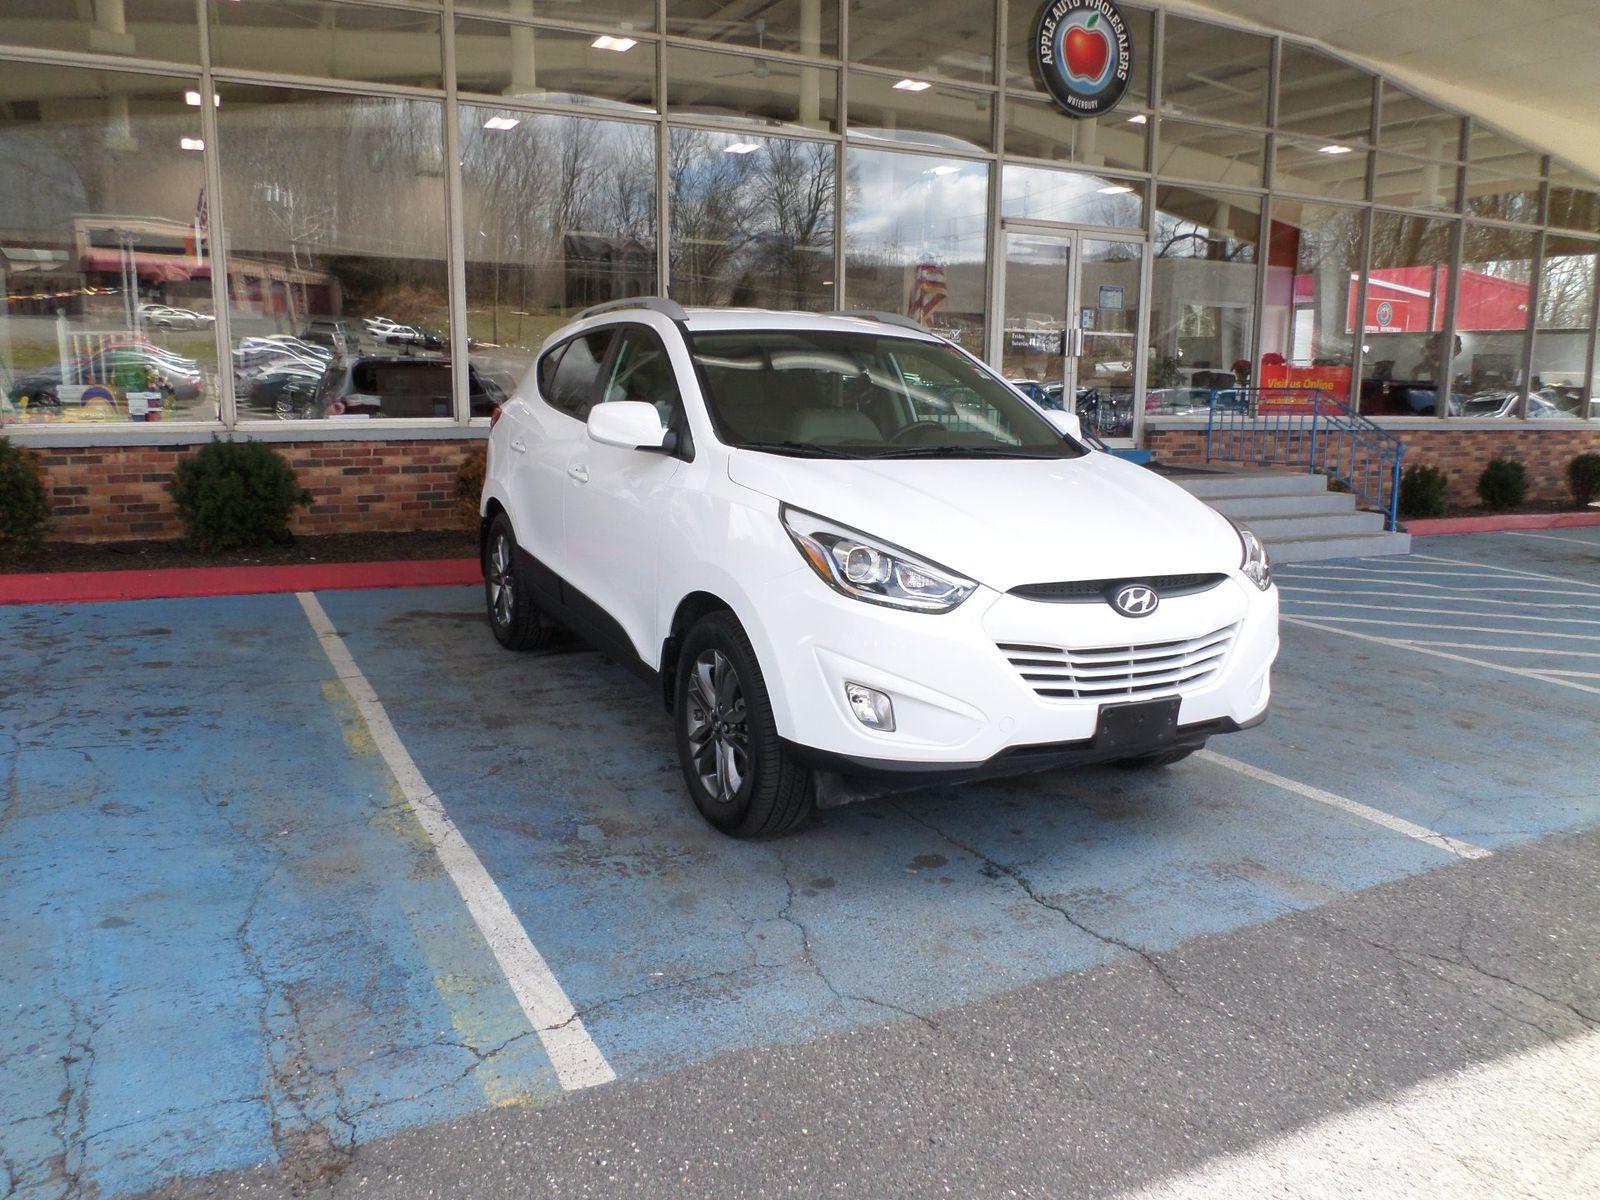 new used next milford in dealership ct previous danbury hyundai car